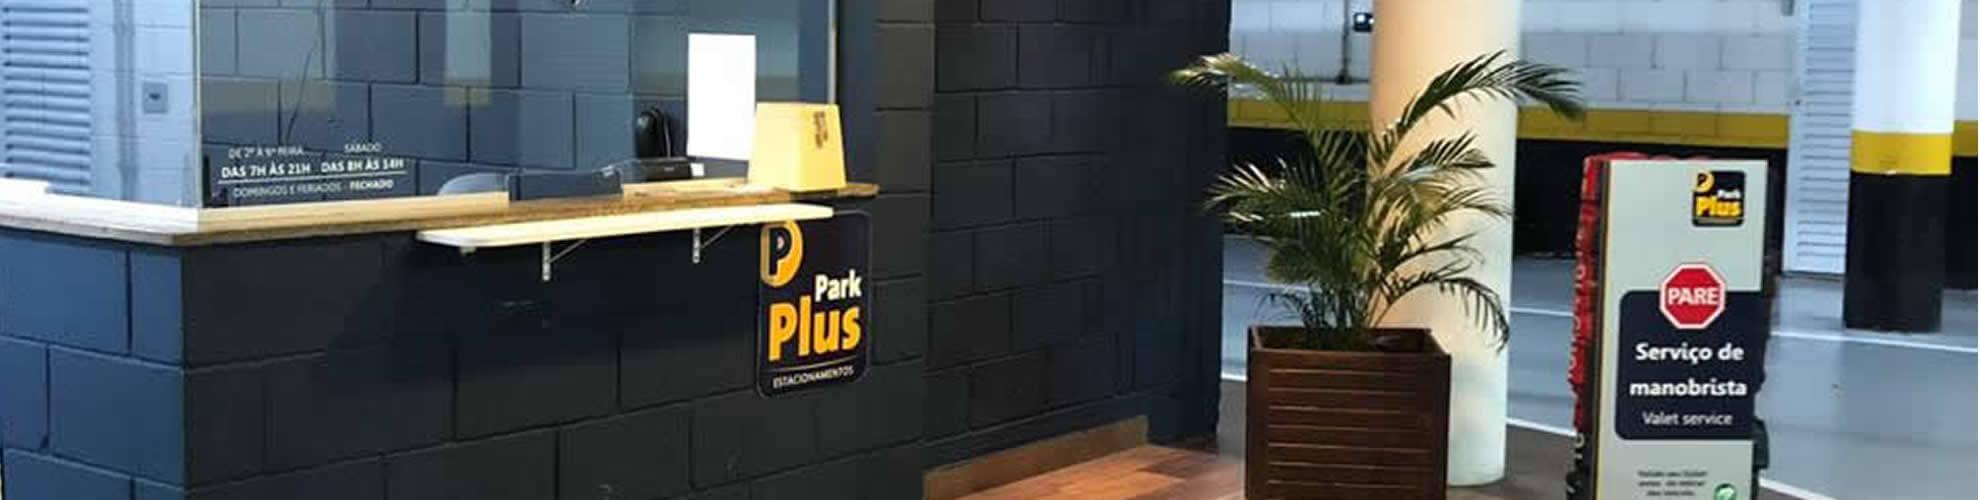 Park Plus Estacionamentos